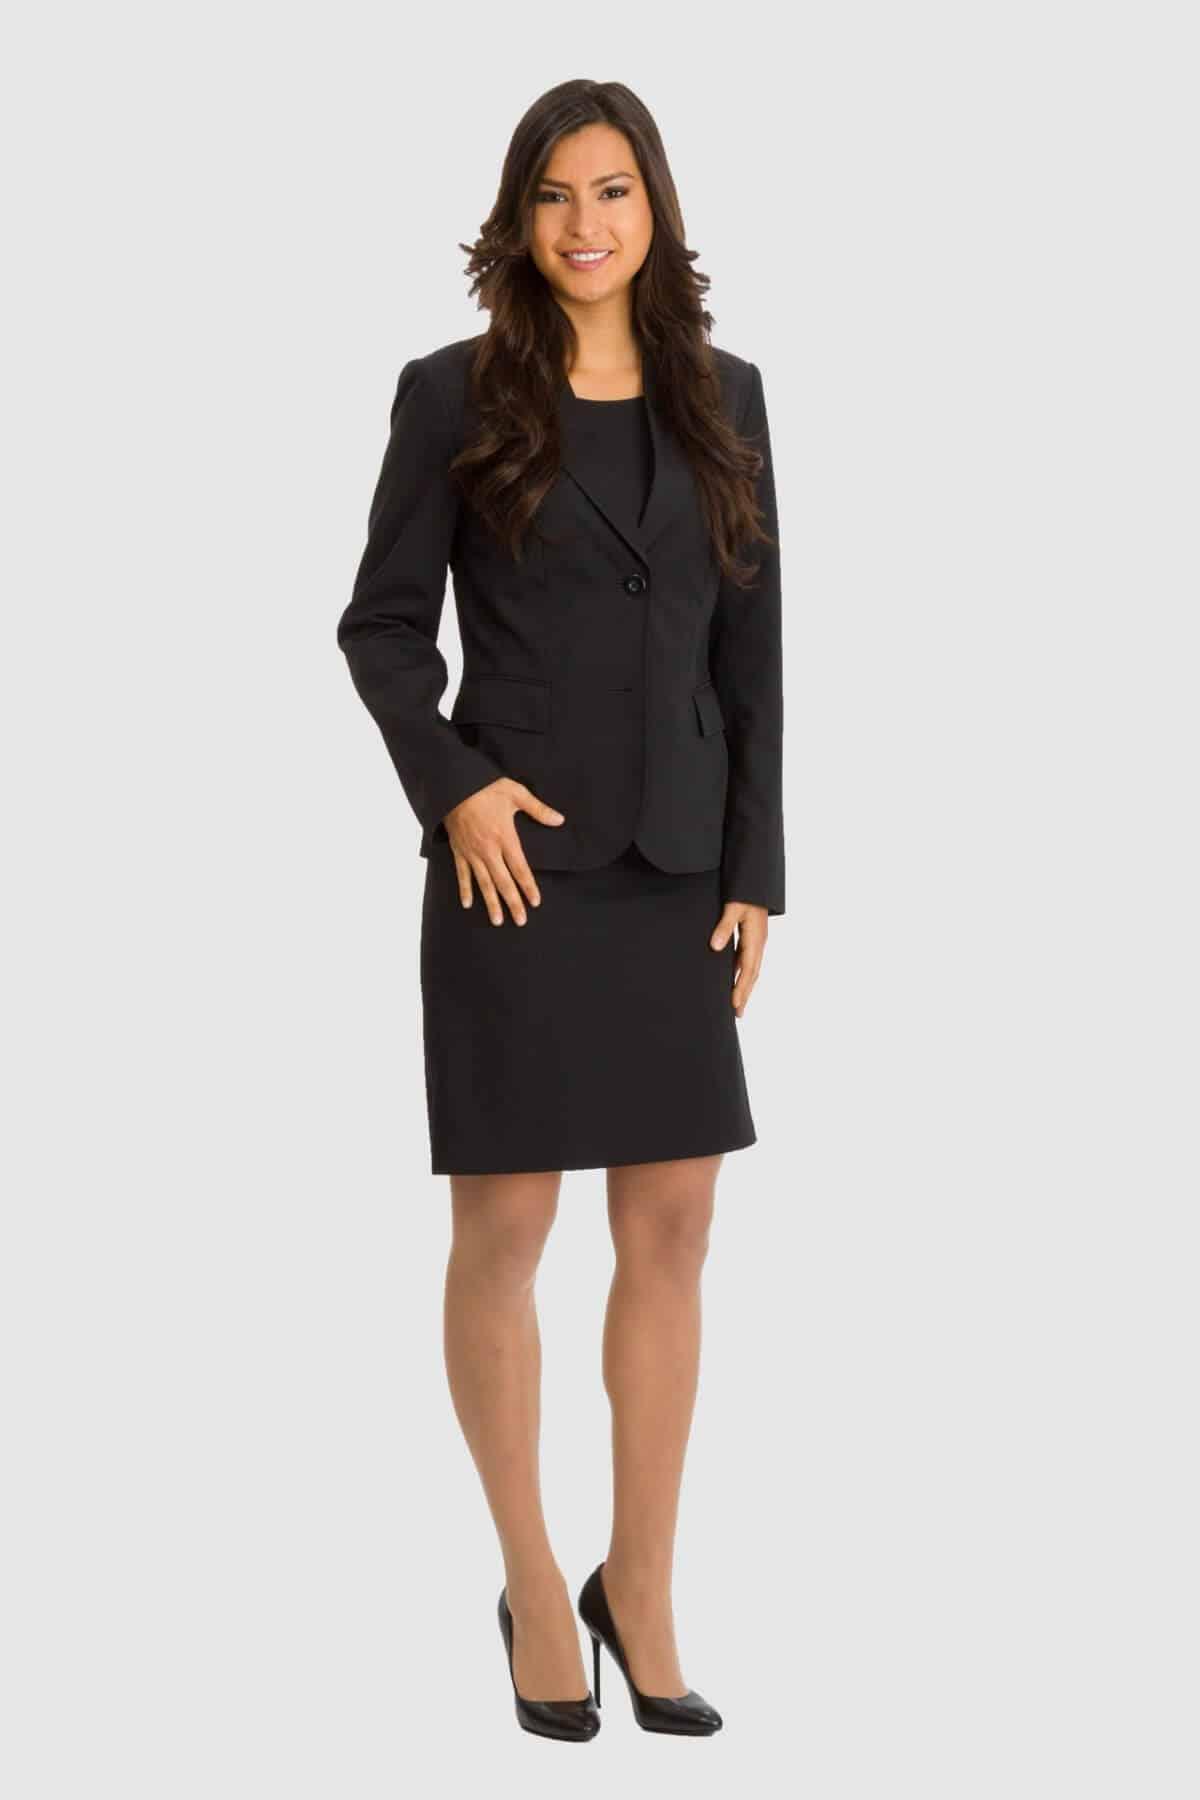 Betty Barclay schwarzes Etuikleid mit schwarzem Blazer